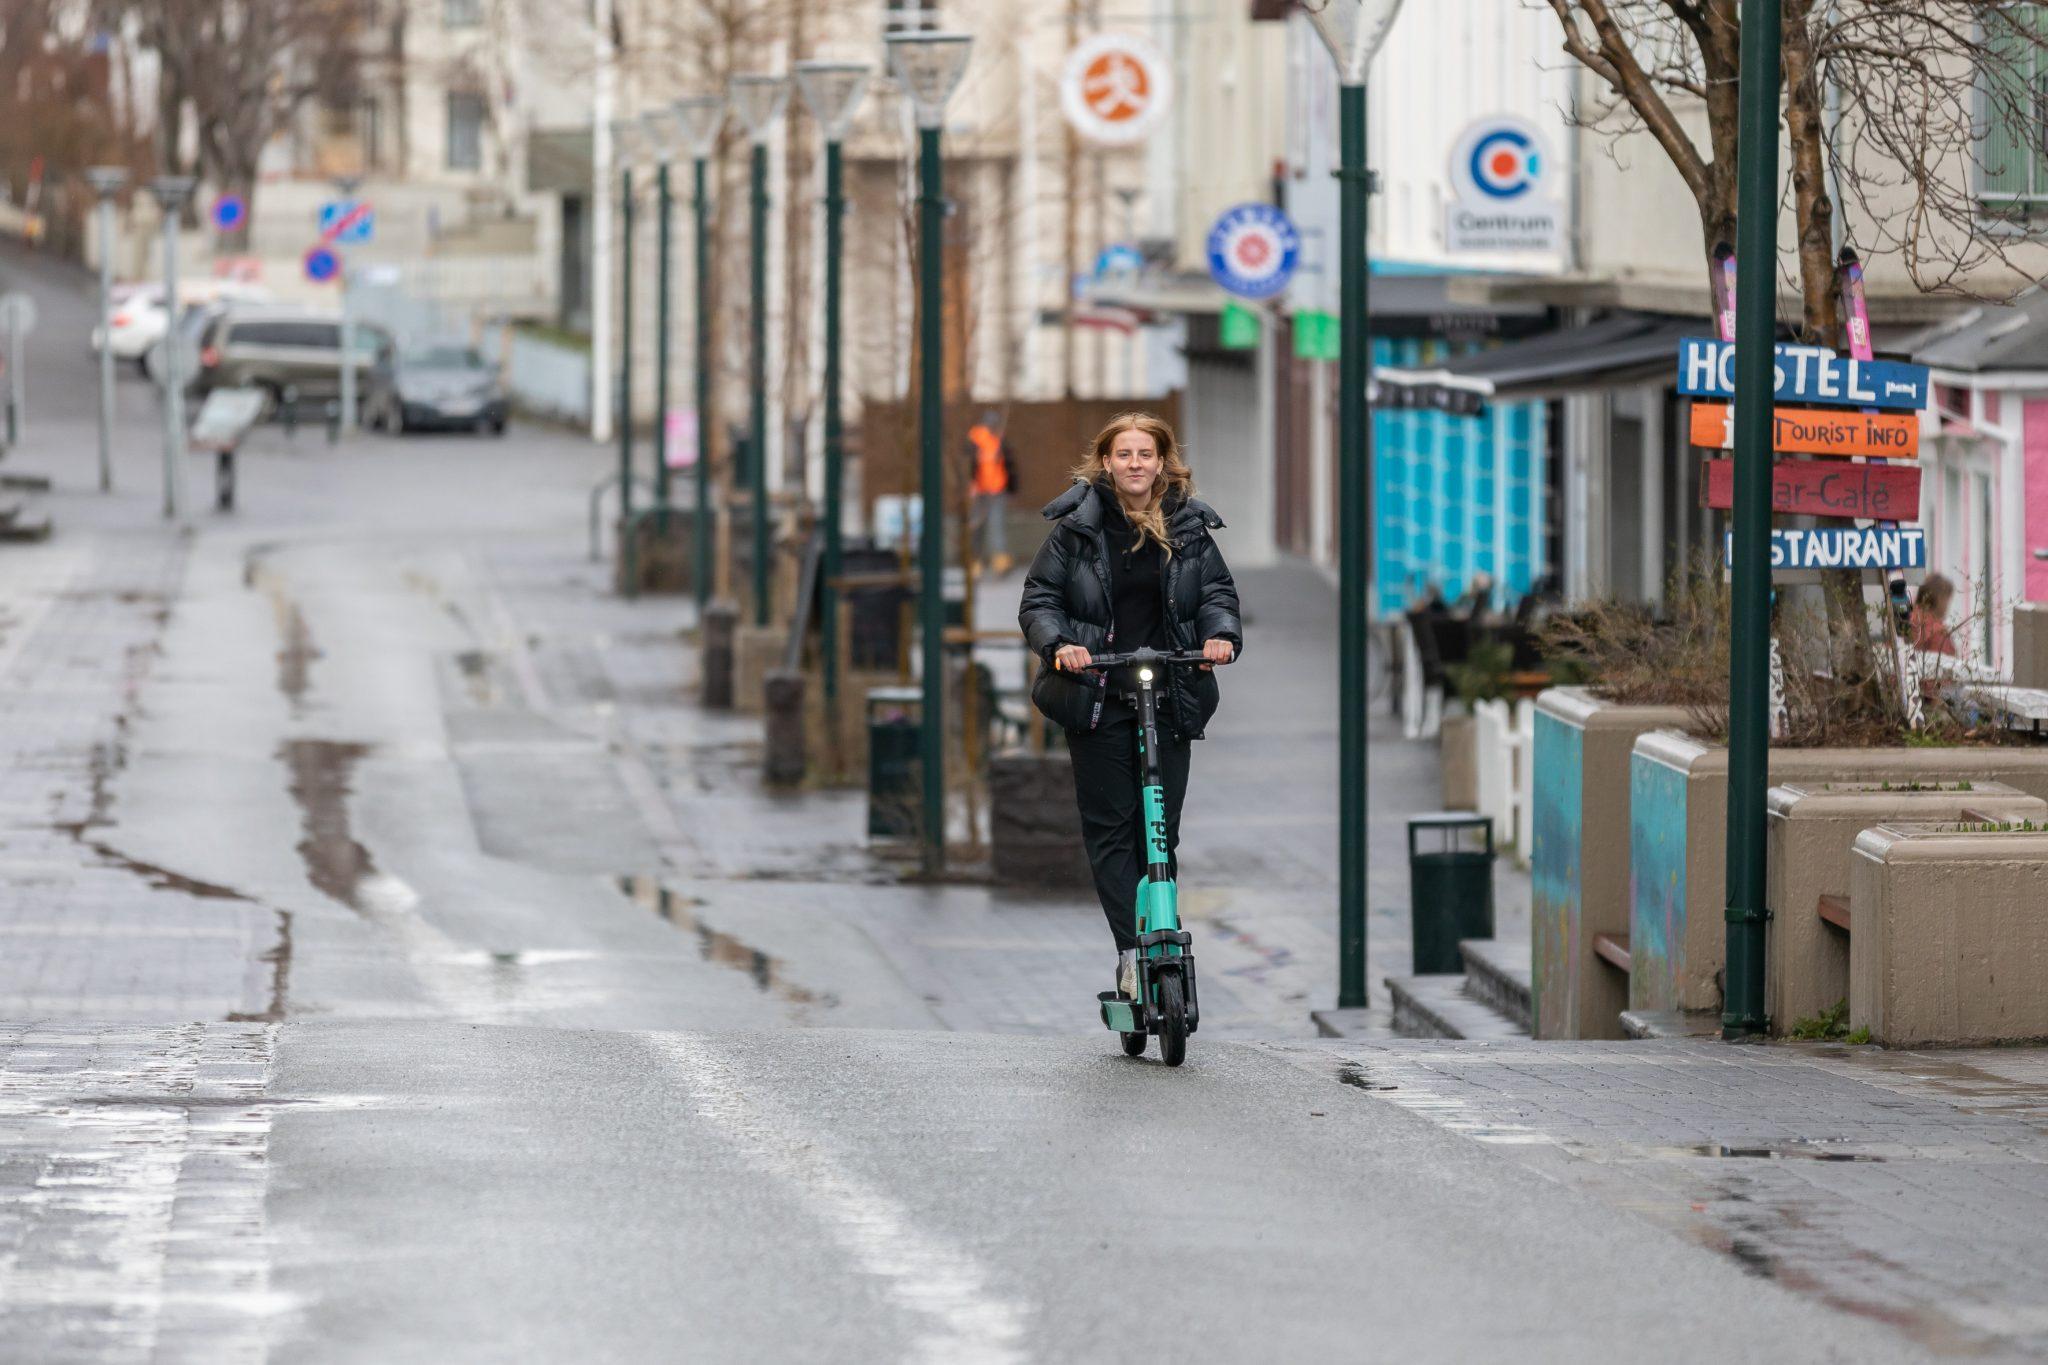 10 ára barn á rafskútu varð næstum fyrir bíl á Akureyri